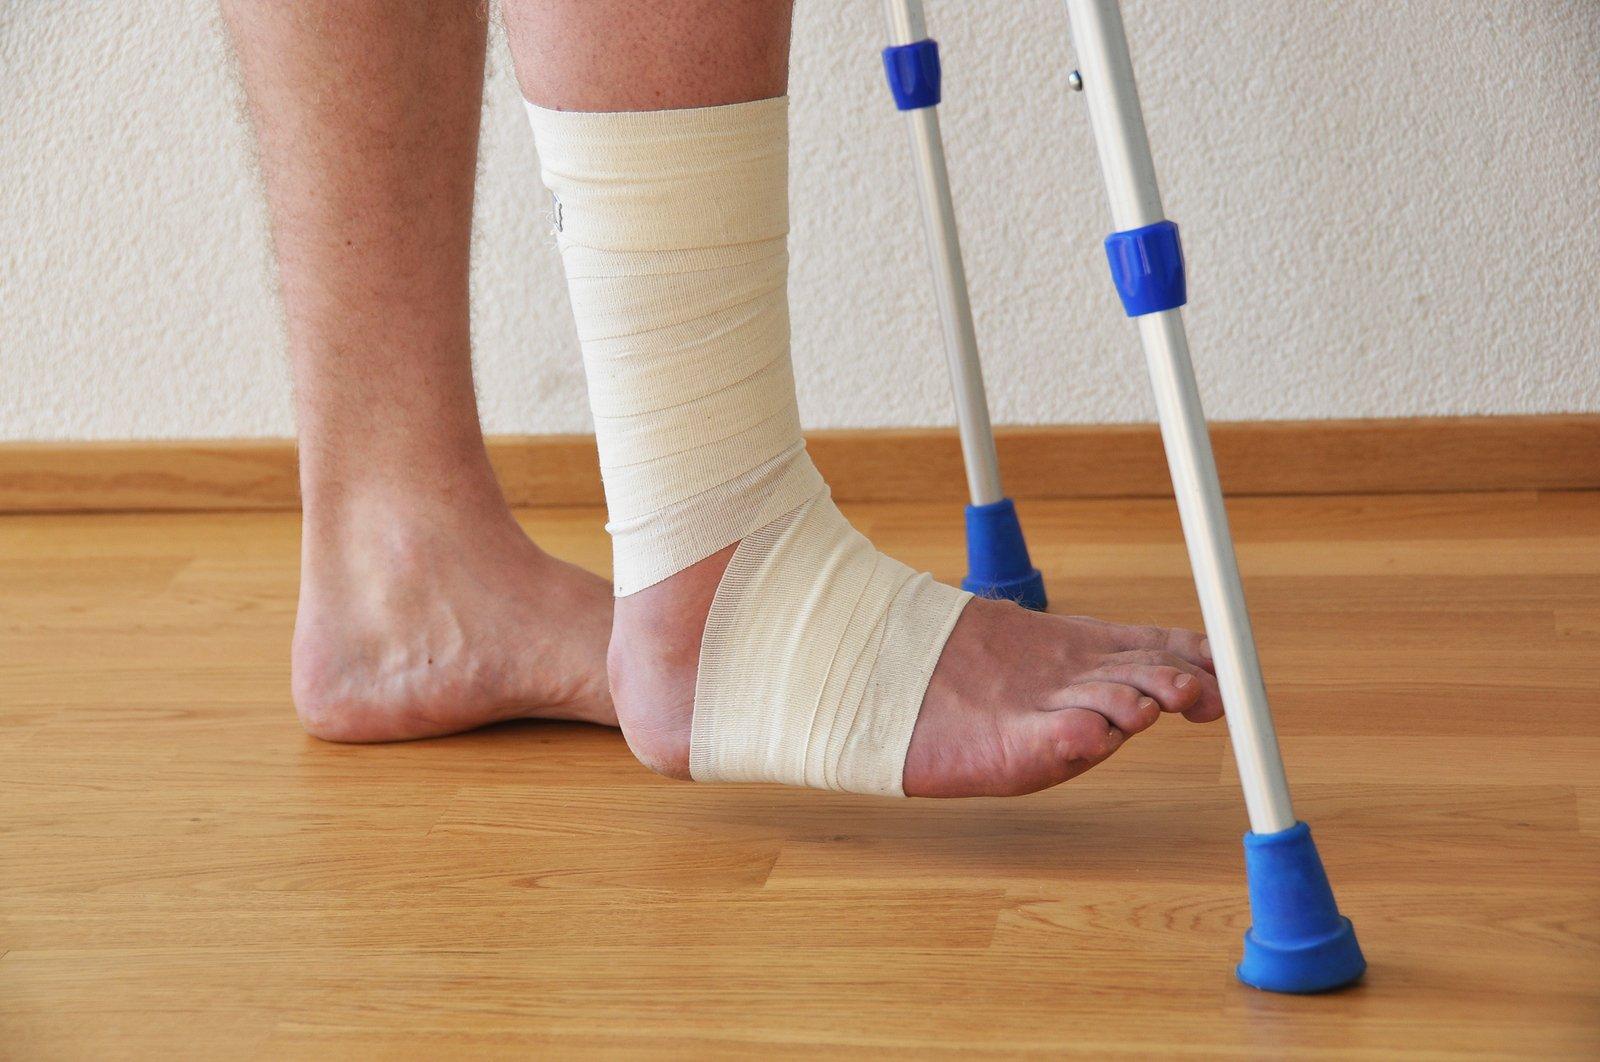 В Брянске водитель Nissan Murano сломал ногу 59-летней женщине